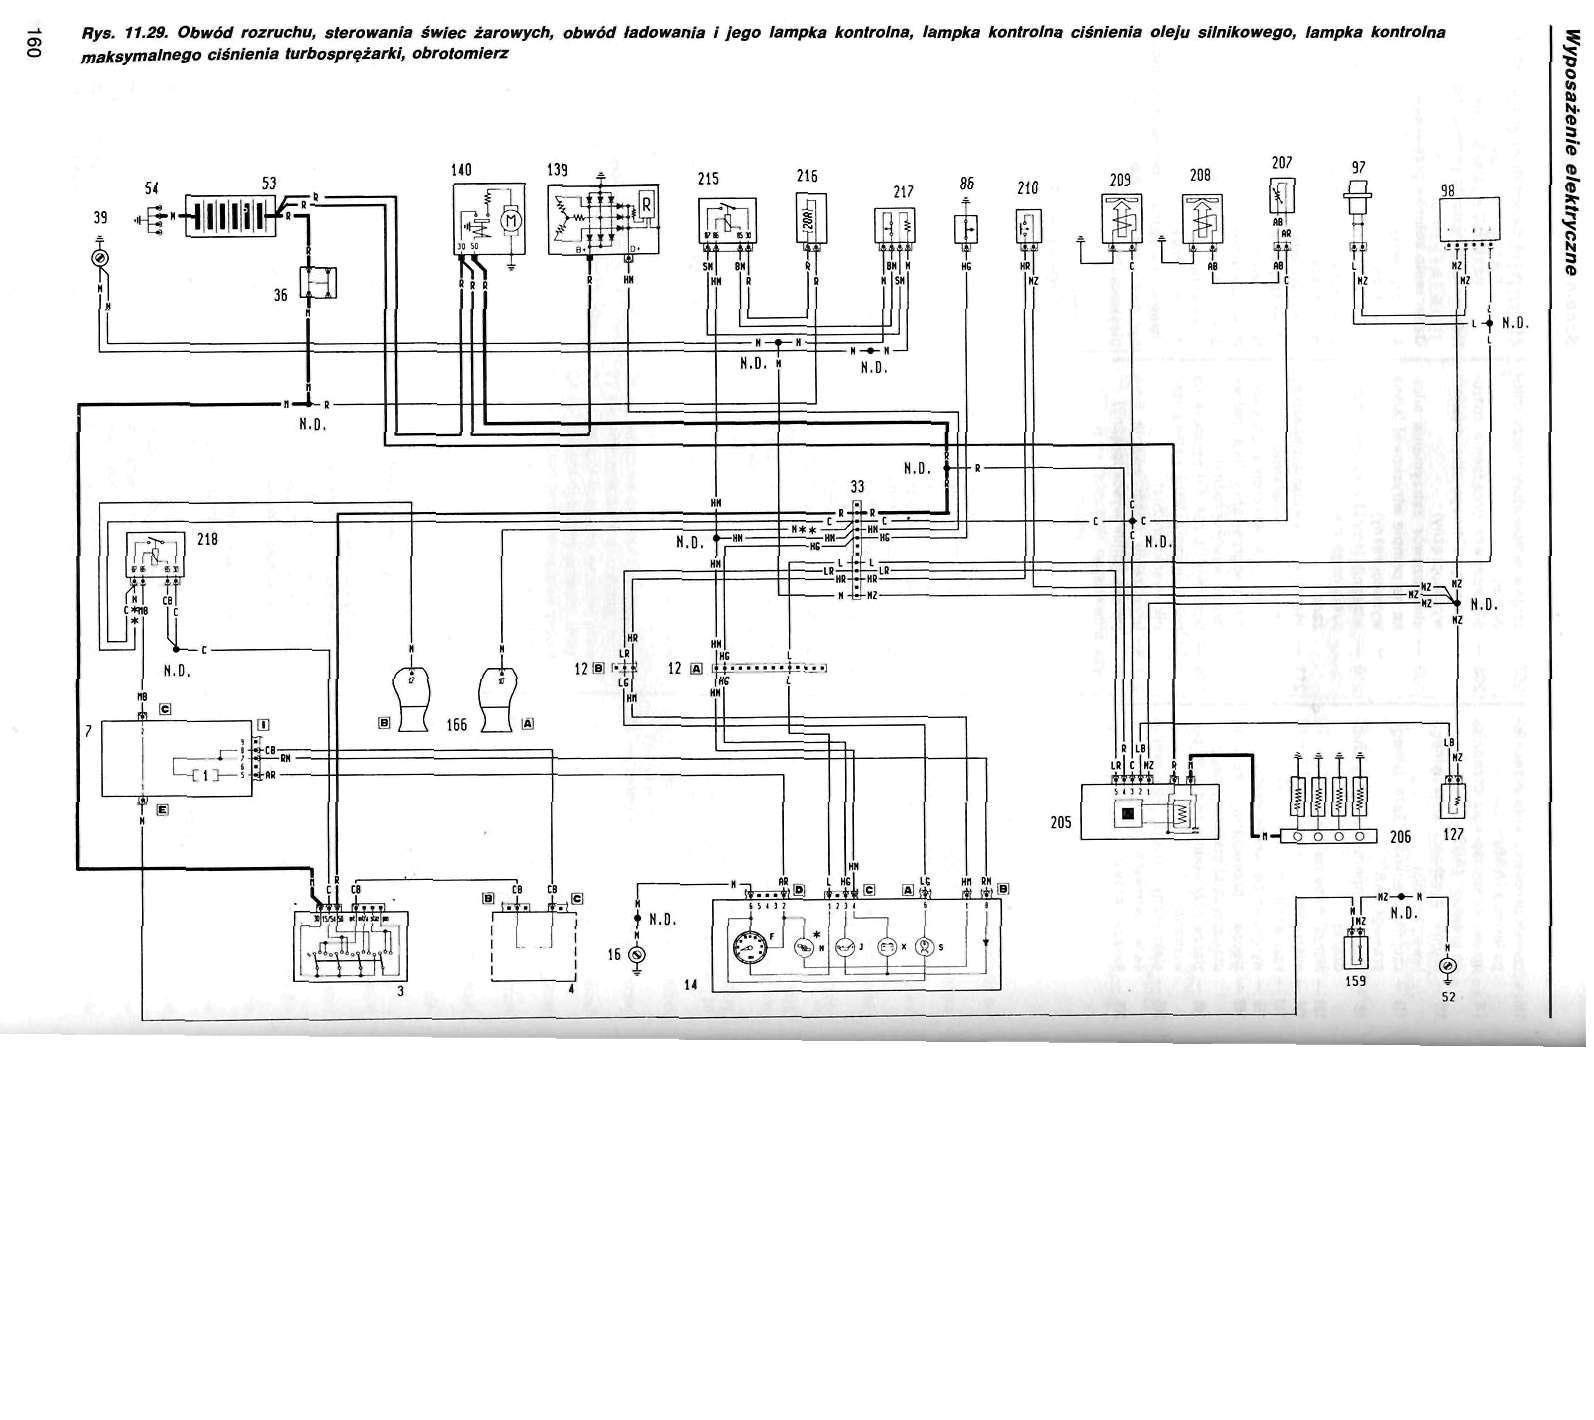 Click image for larger version  Name:PuntoMk1 Wiring 1.jpg Views:3681 Size:192.4 KB ID:68981